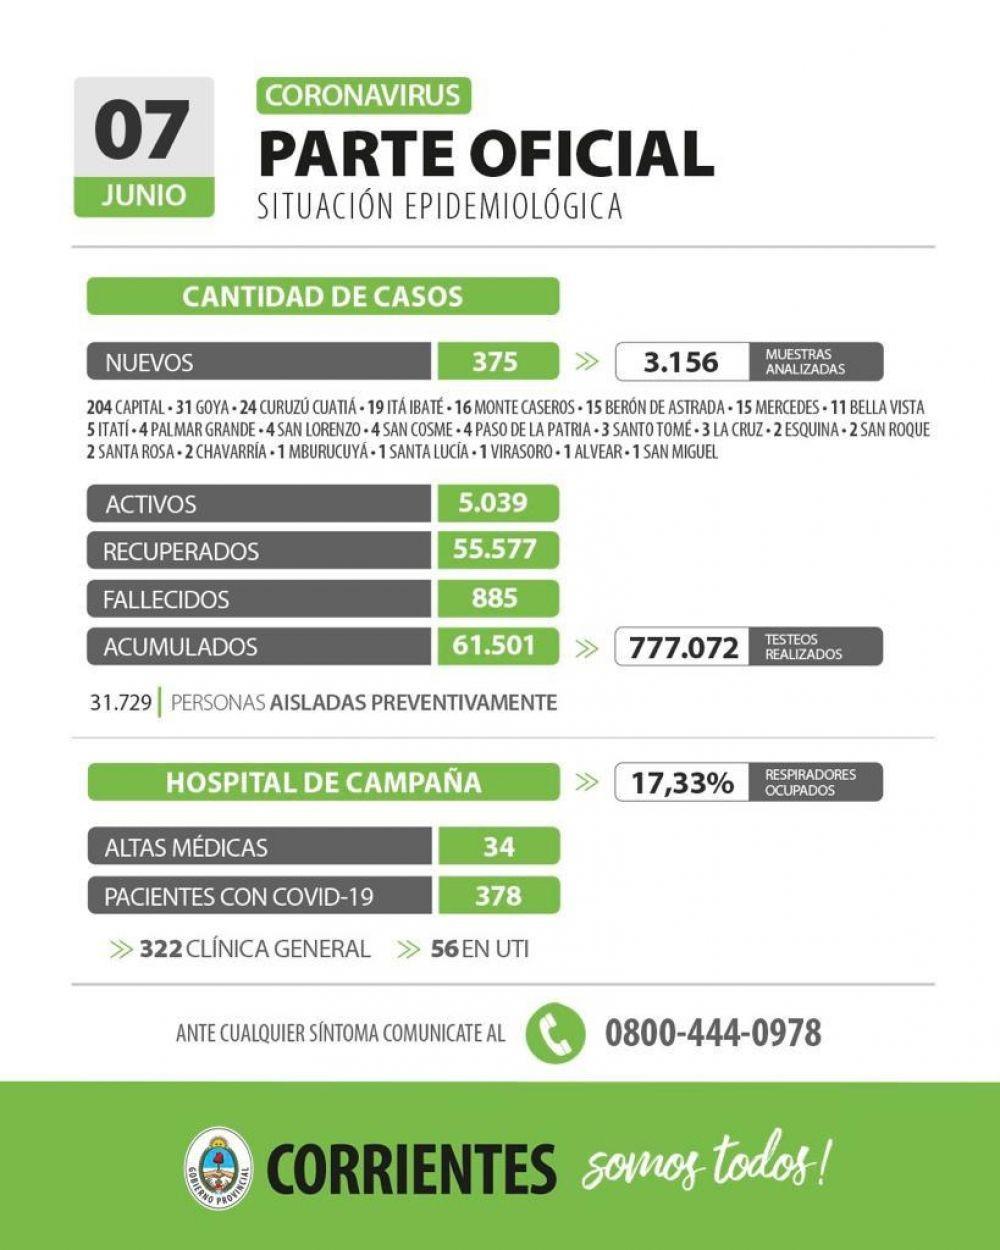 Informan de 375 nuevos casos de coronavirus en Corrientes